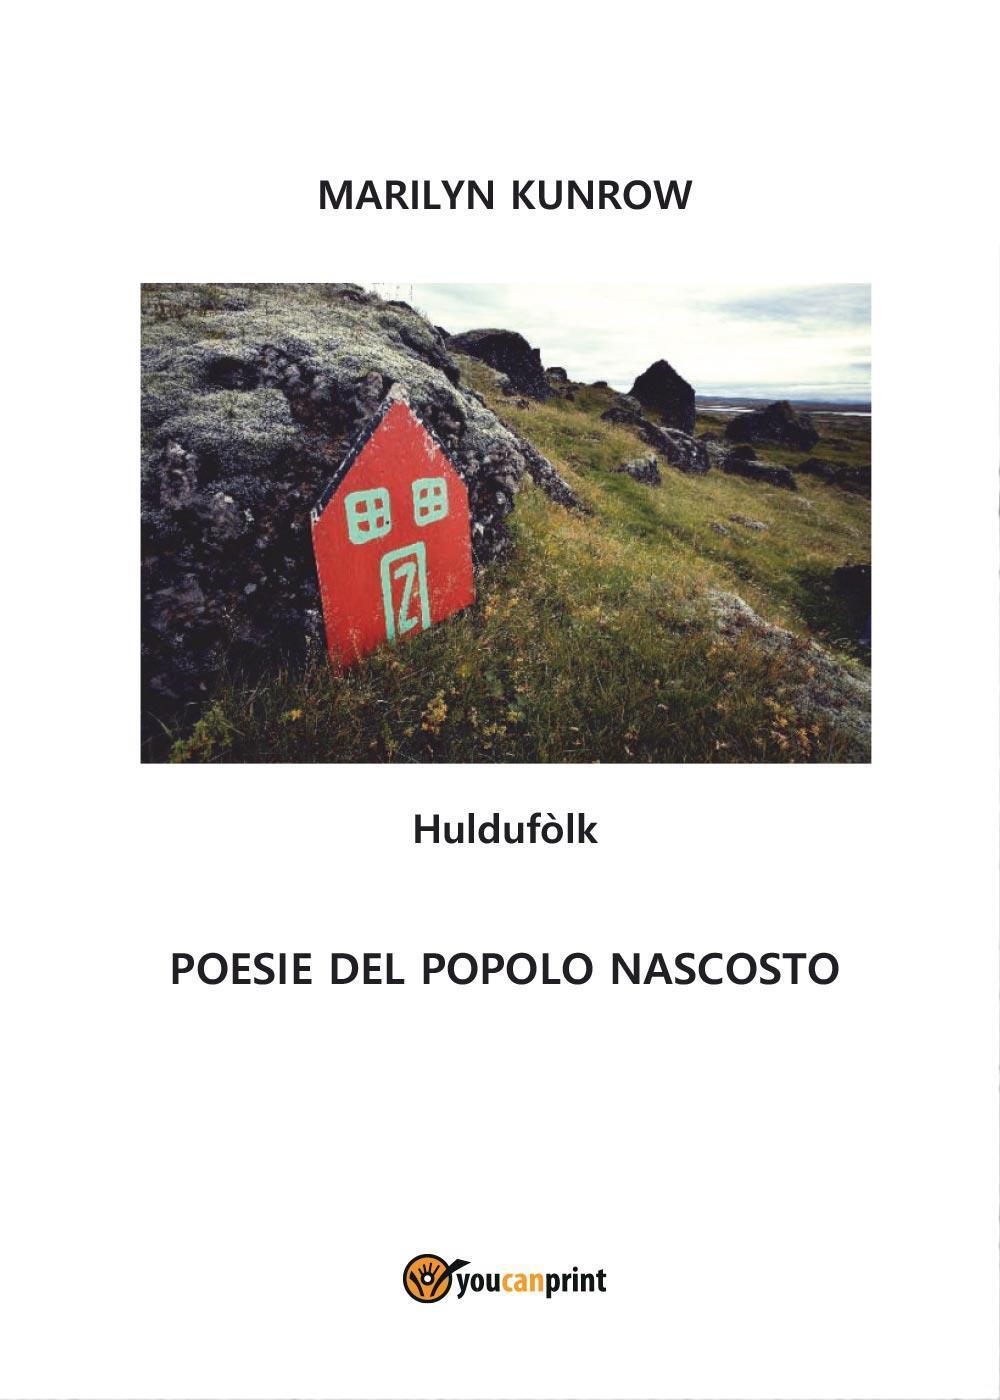 Huldufòlk  -  Poesie del Popolo Nascosto